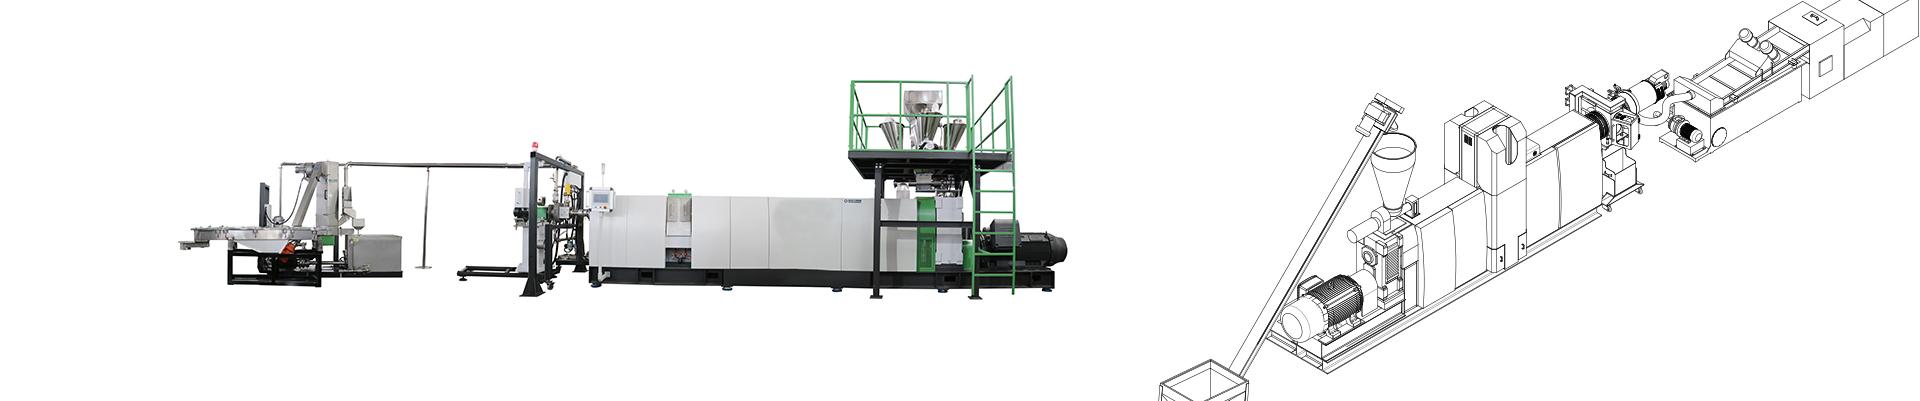 Recicladora modelo ASE-Pro